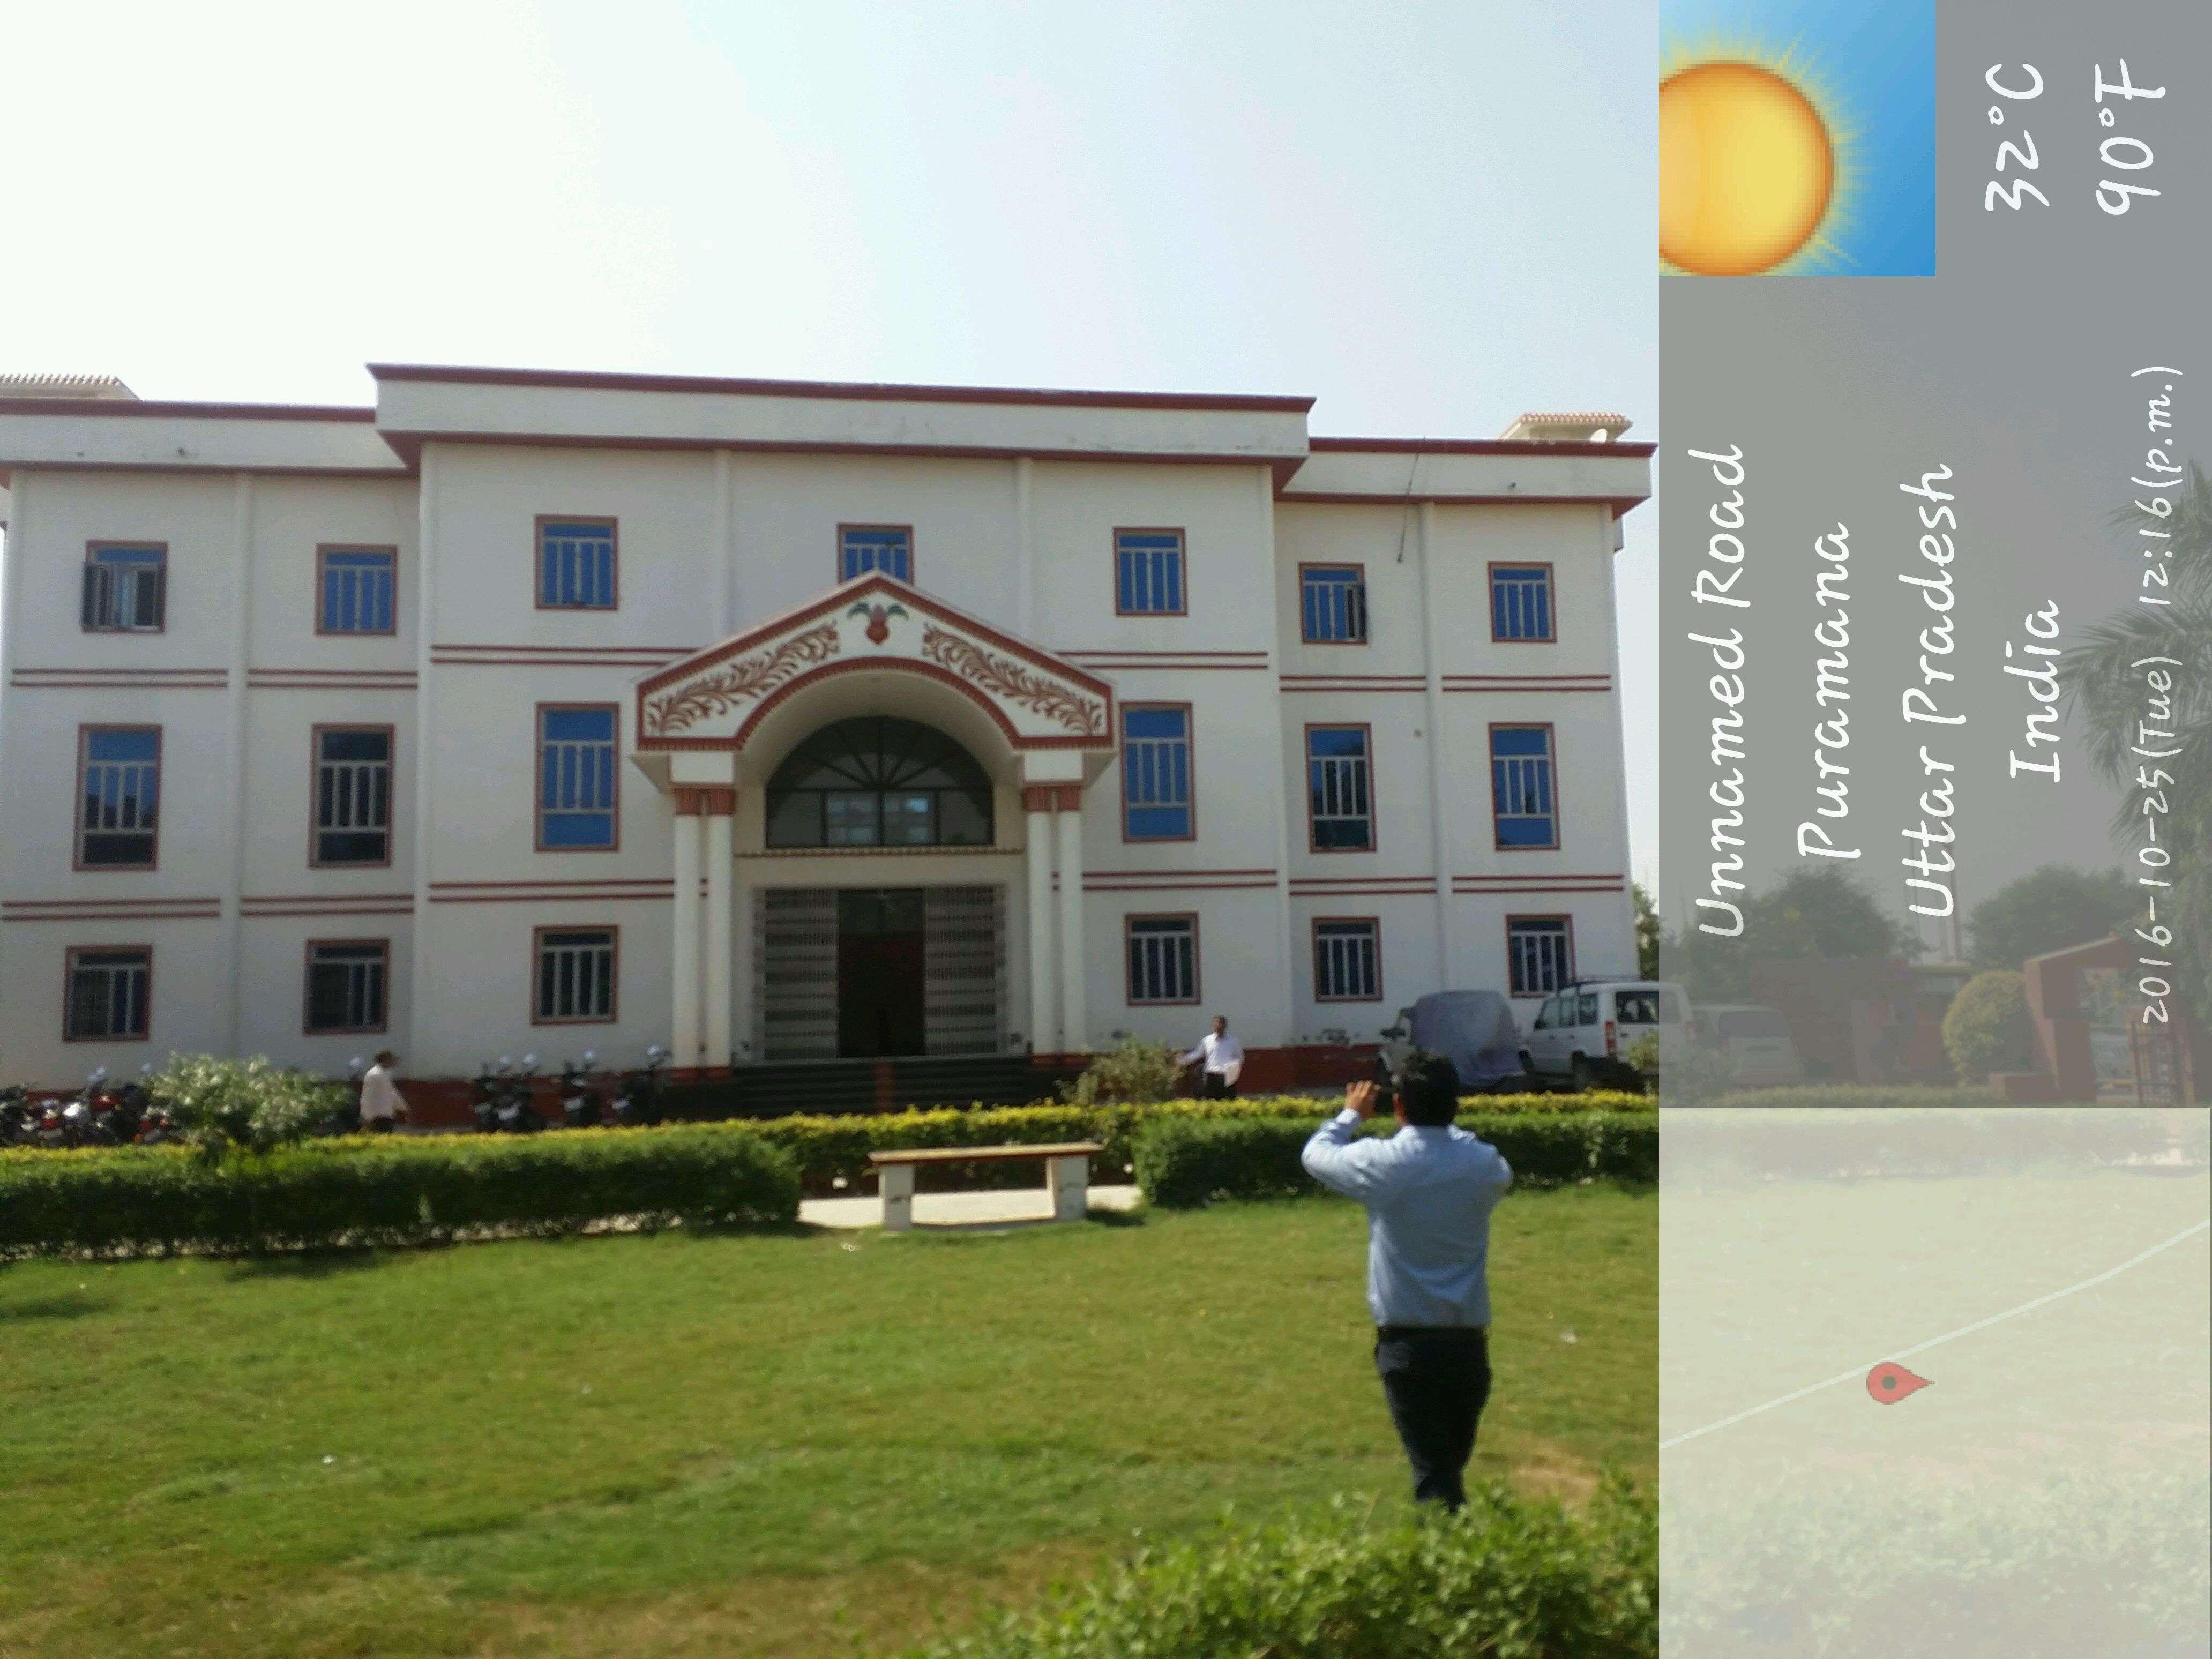 NEMI CHAND EDUCATIONAL ACDEMY PURAMANA KIRAOLI 2131256